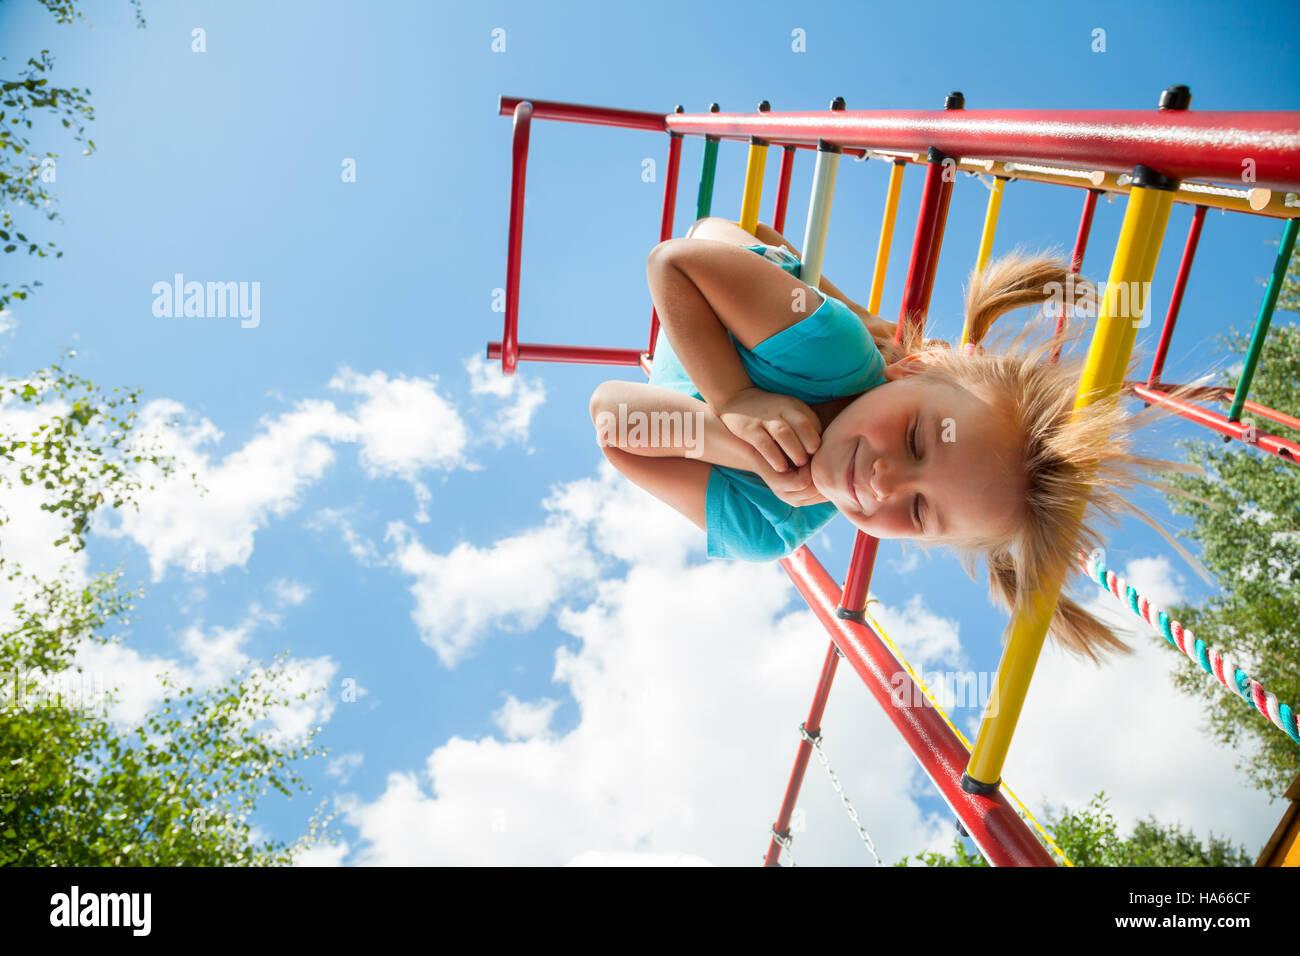 Little Monkey Klettergerüst : Kleines mädchen mit spaß spielen auf klettergerüst in einem